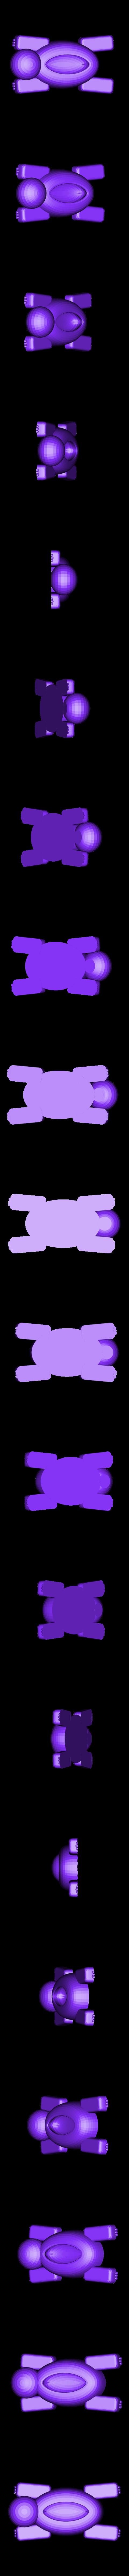 turtle_hallow_legs01stl.stl Télécharger fichier STL gratuit Bateau tortue • Design pour imprimante 3D, Kajdalon